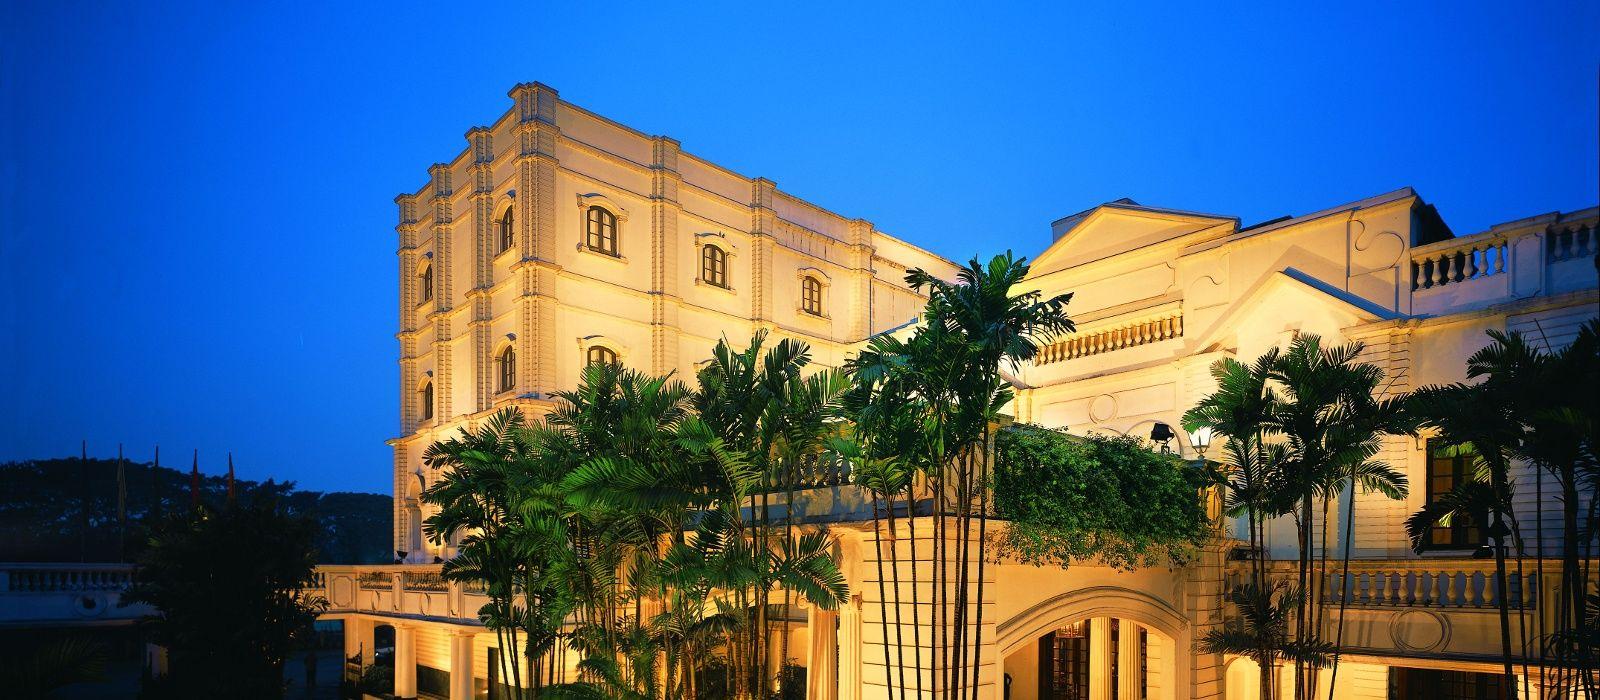 Hotel The Oberoi Grand East India